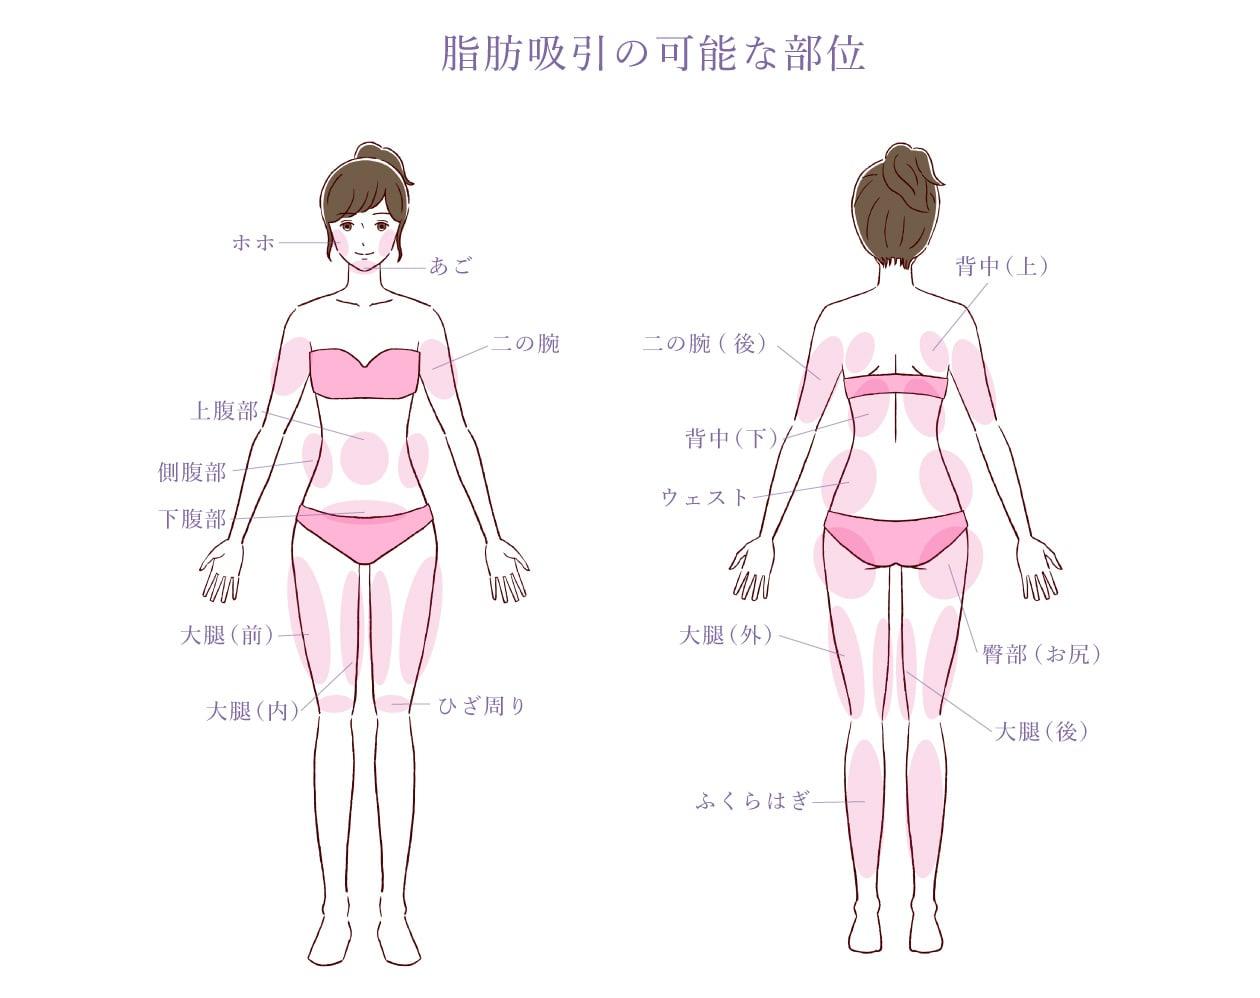 脂肪吸引の可能な部位